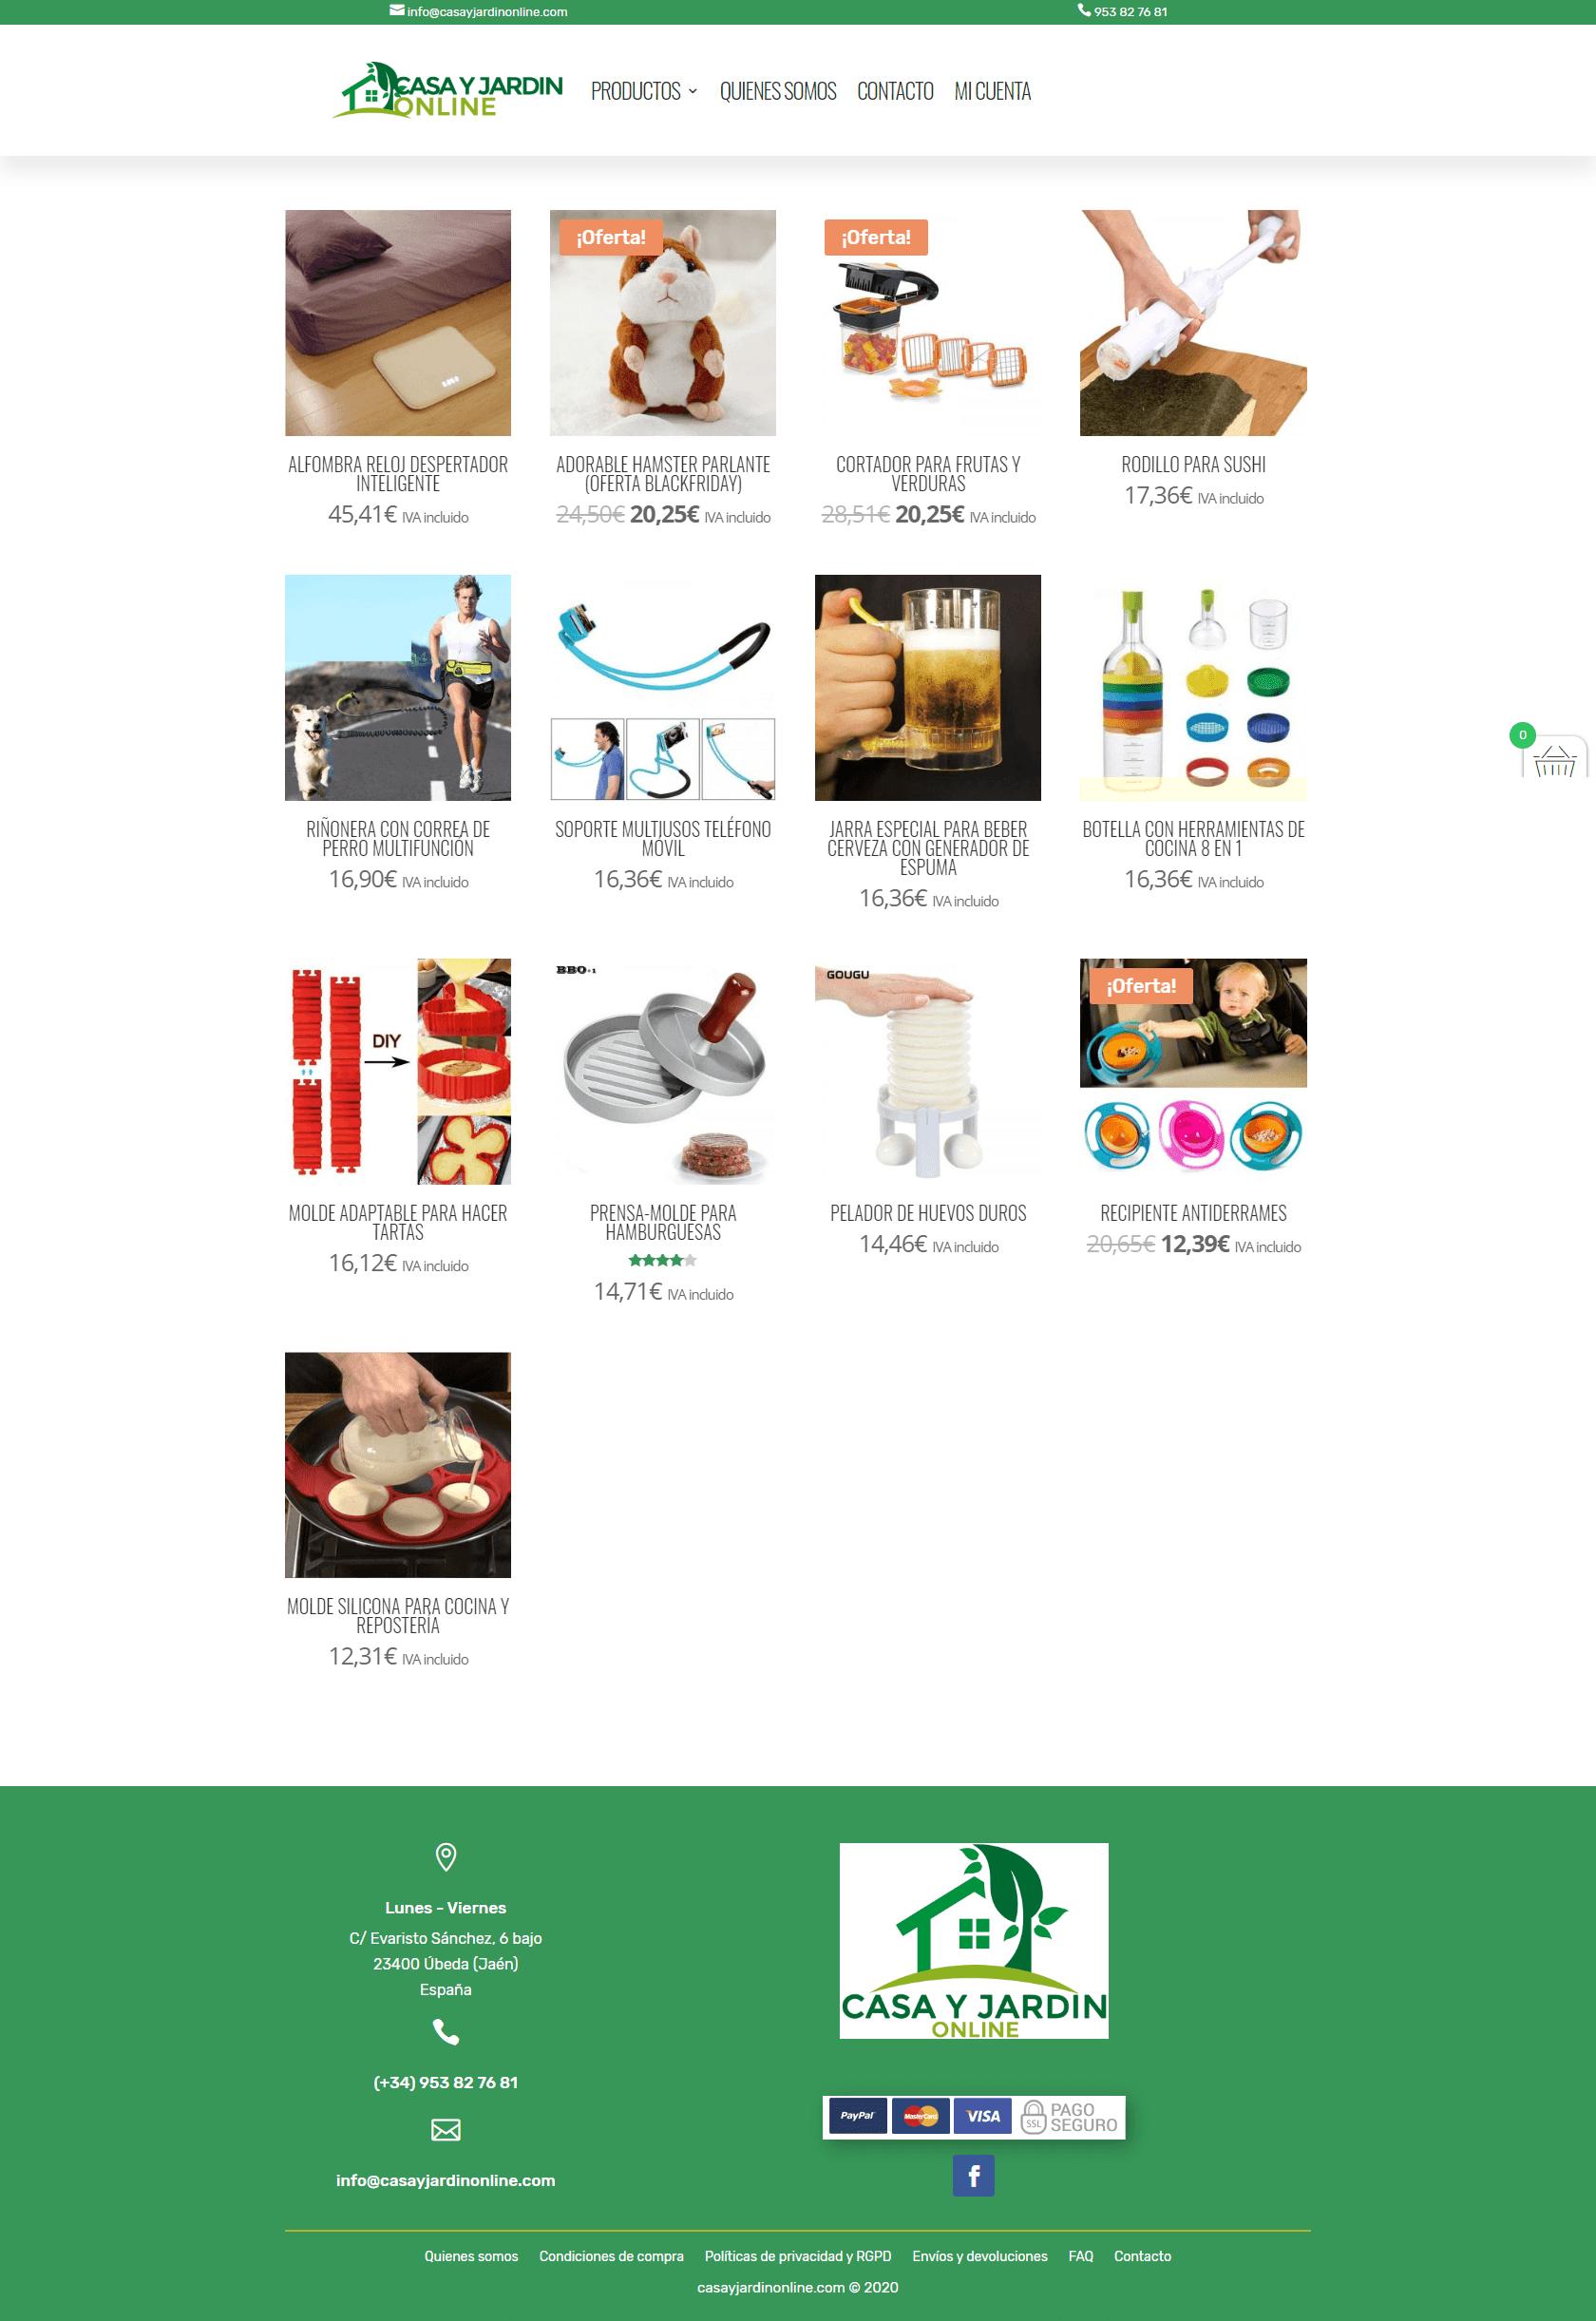 casayjardinonline.com